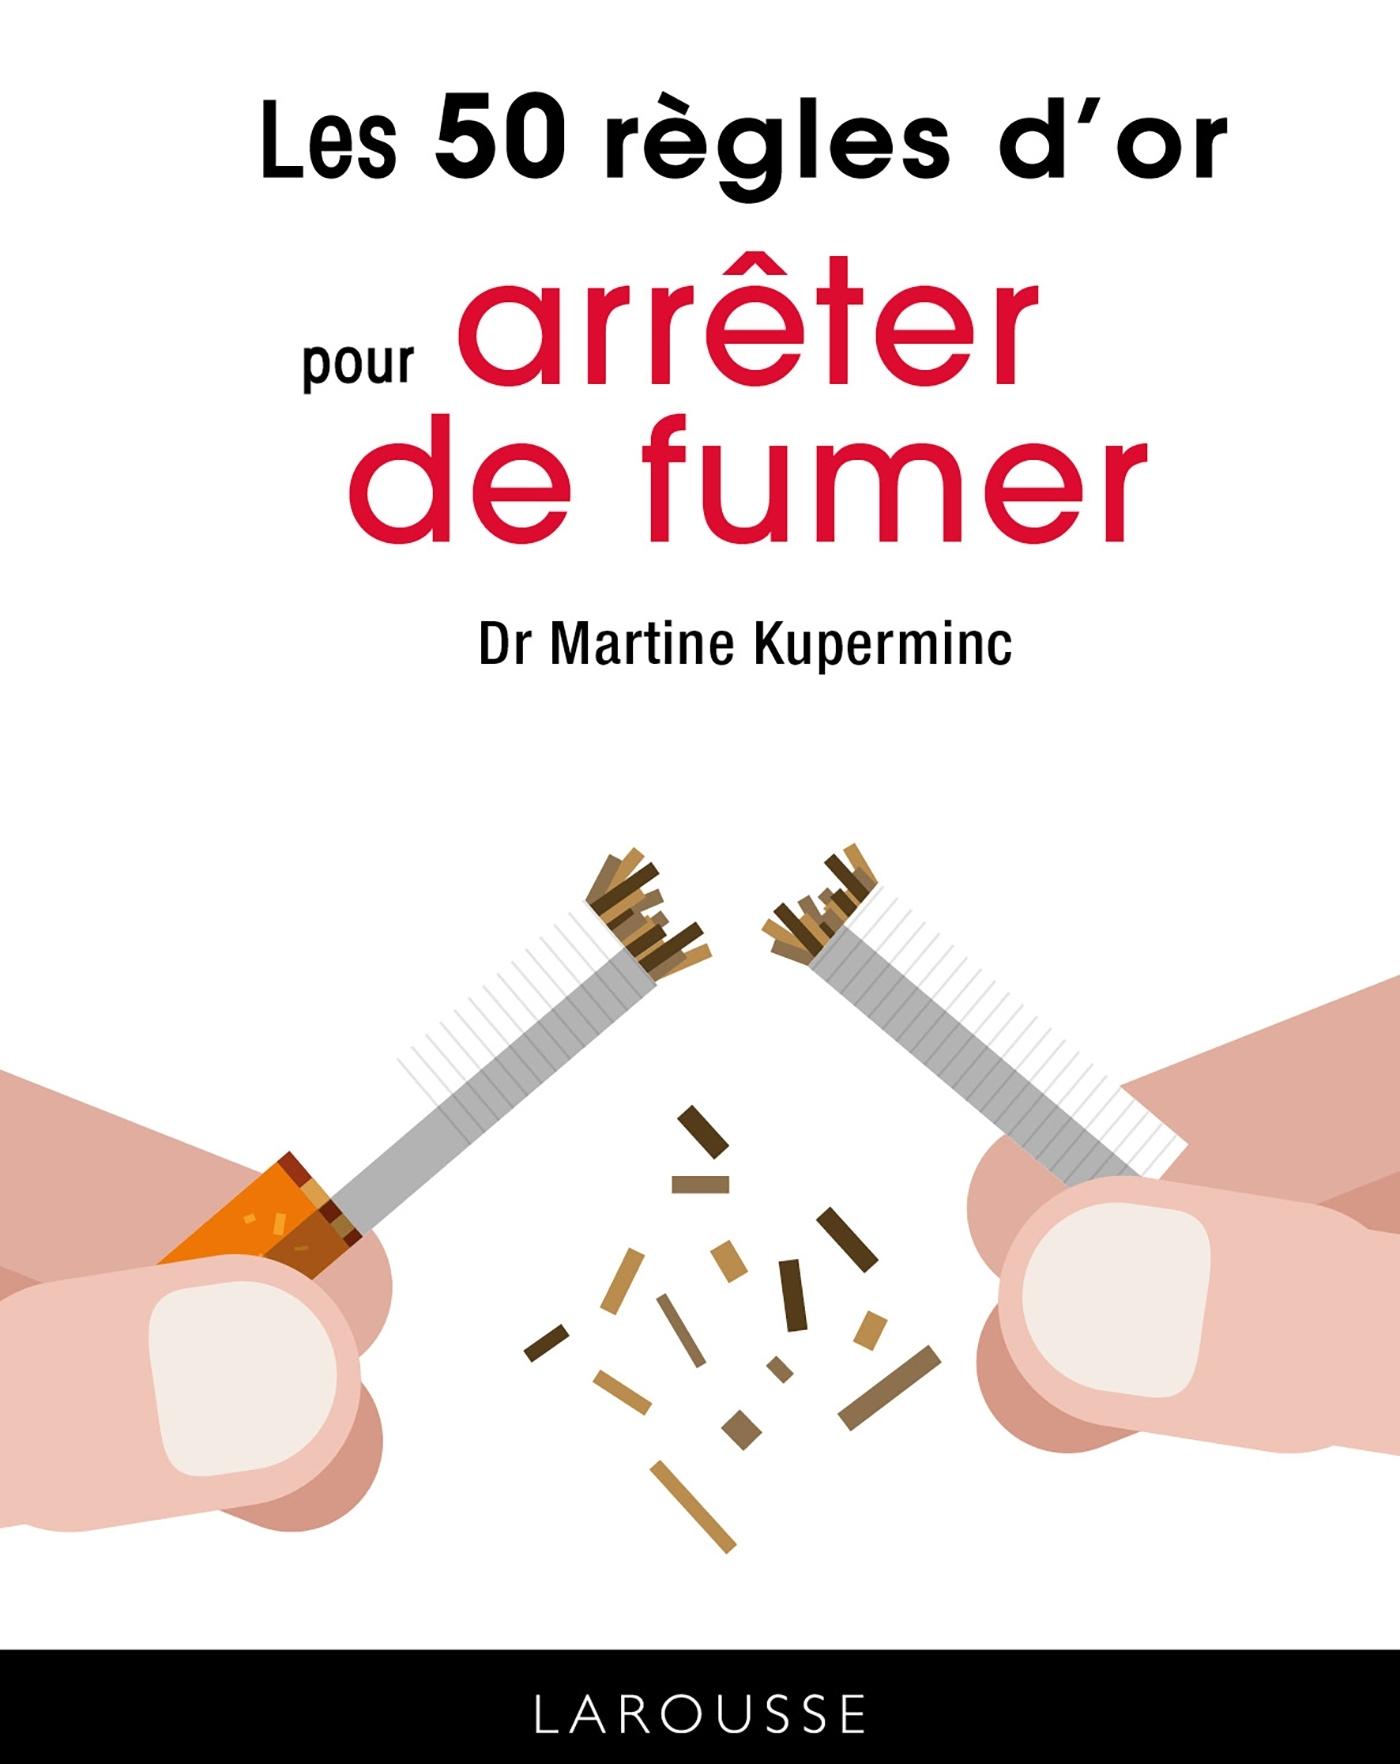 LES 50 REGLES D'OR POUR ARRETER DE FUMER